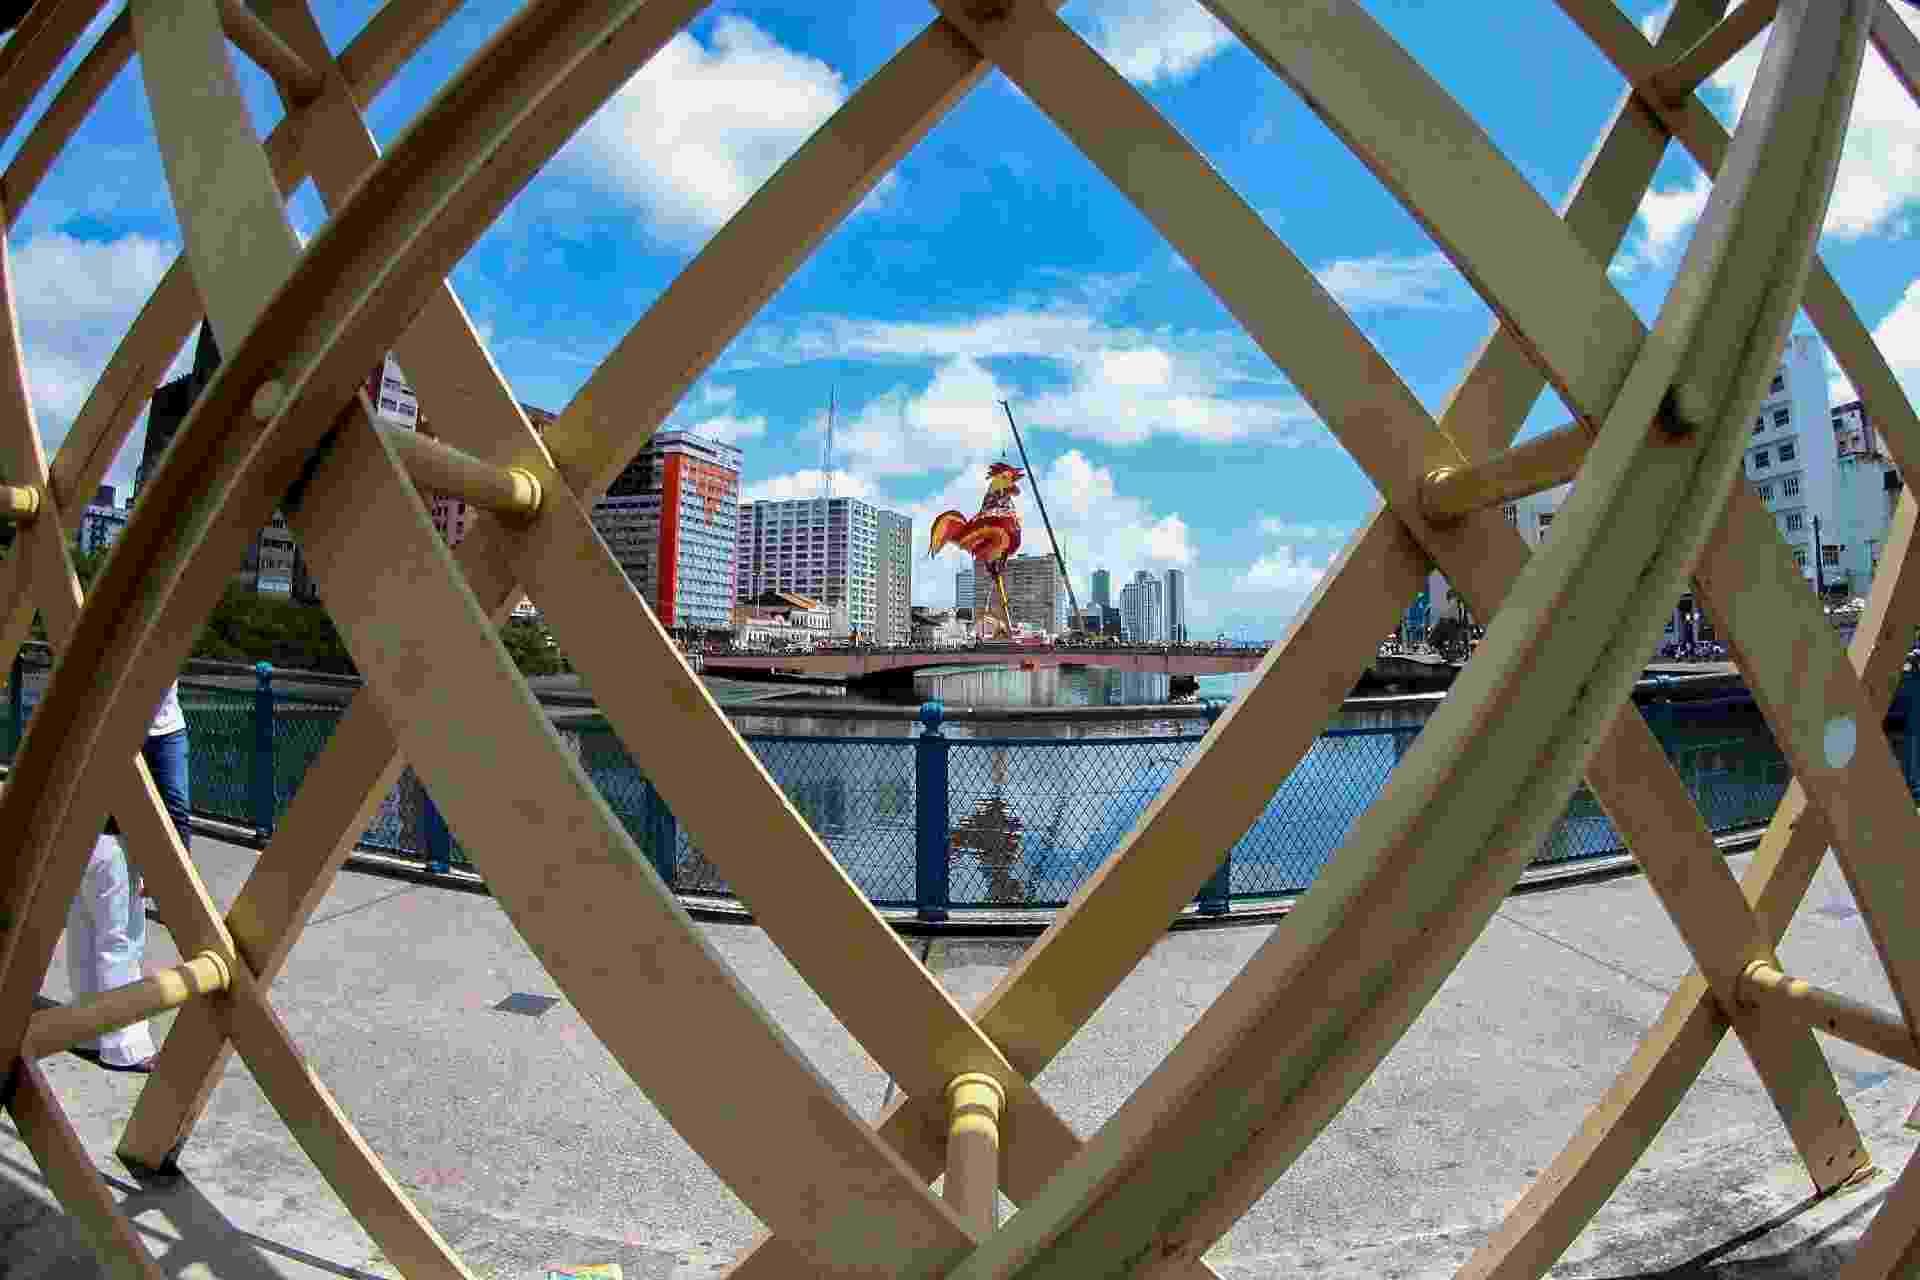 Símbolo do Carnaval de Recife, o Galo da Madrugada começa a ser erguido na tarde desta sexta-feira (24); a festa começa no sábado (25) - MARLON COSTA/FUTURA PRESS/ESTADÃO CONTEÚDO